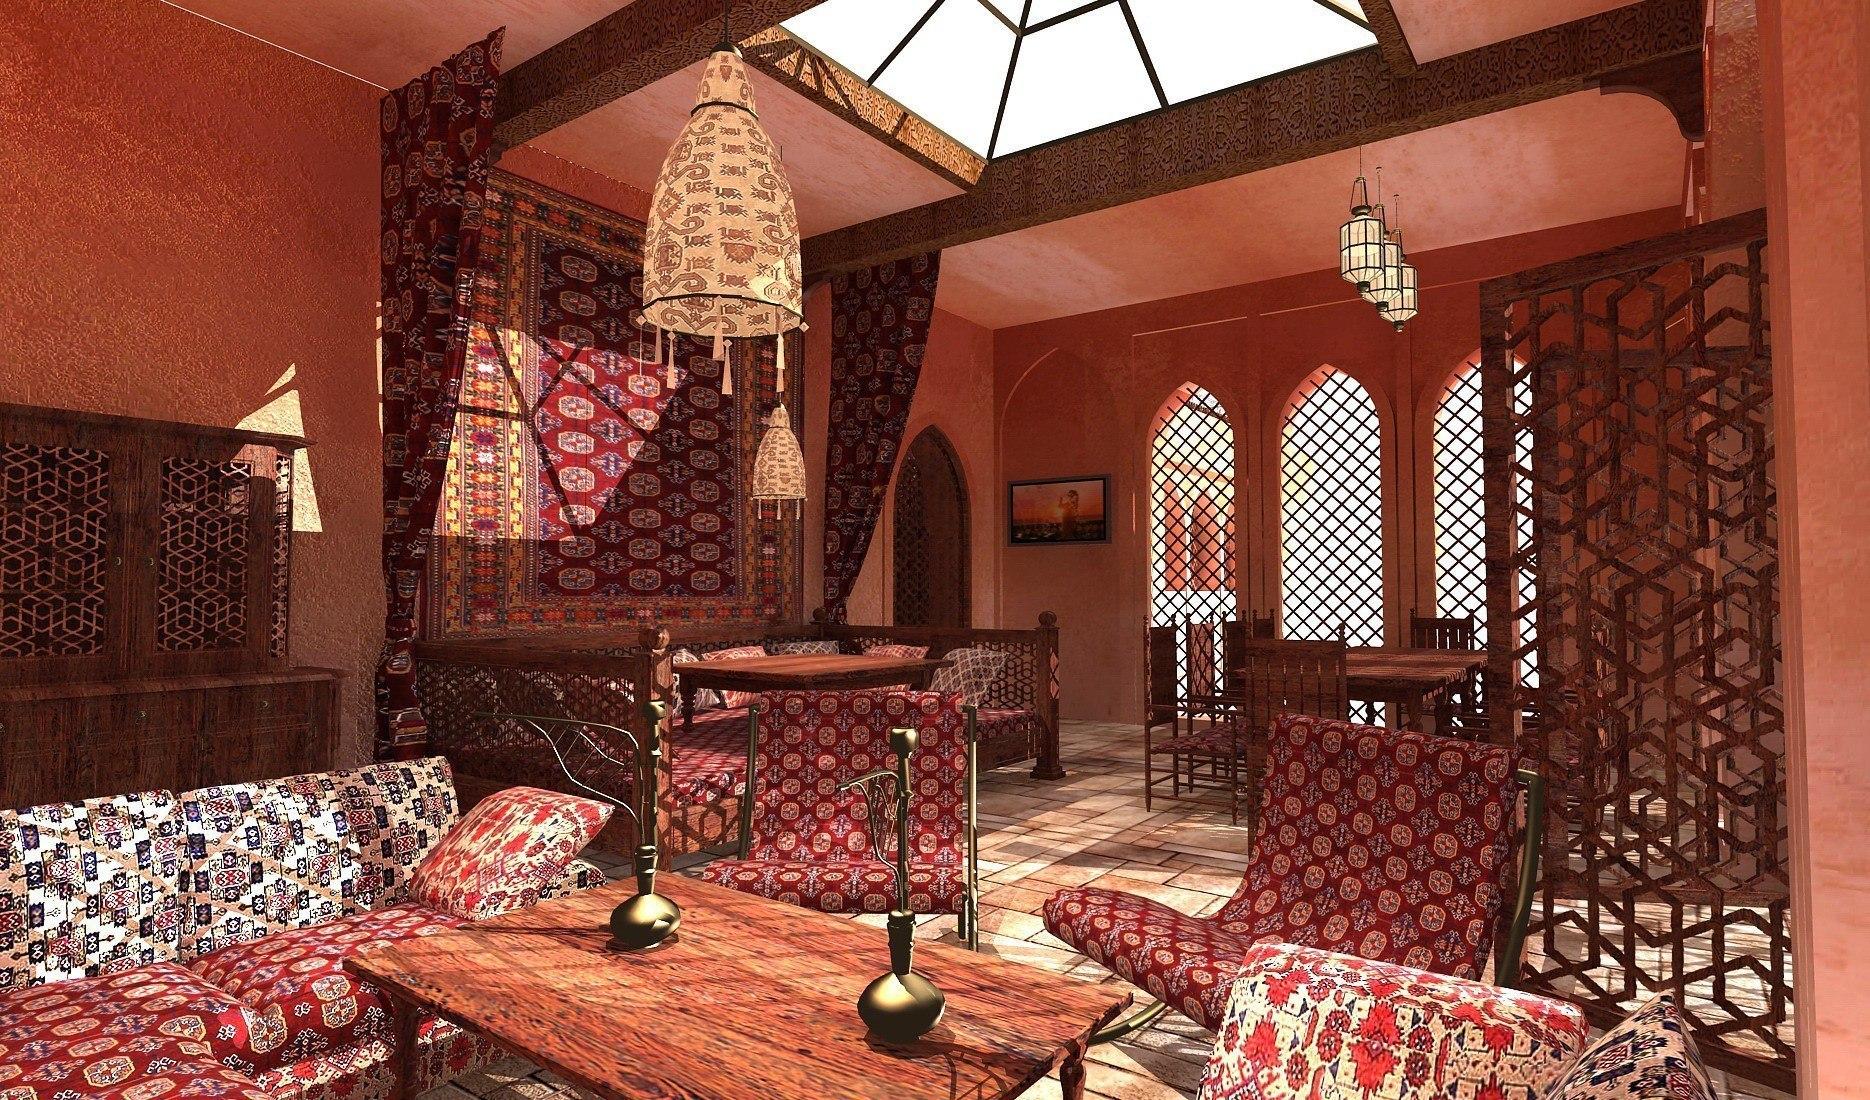 многих узбекский дизайн кафе фото чем